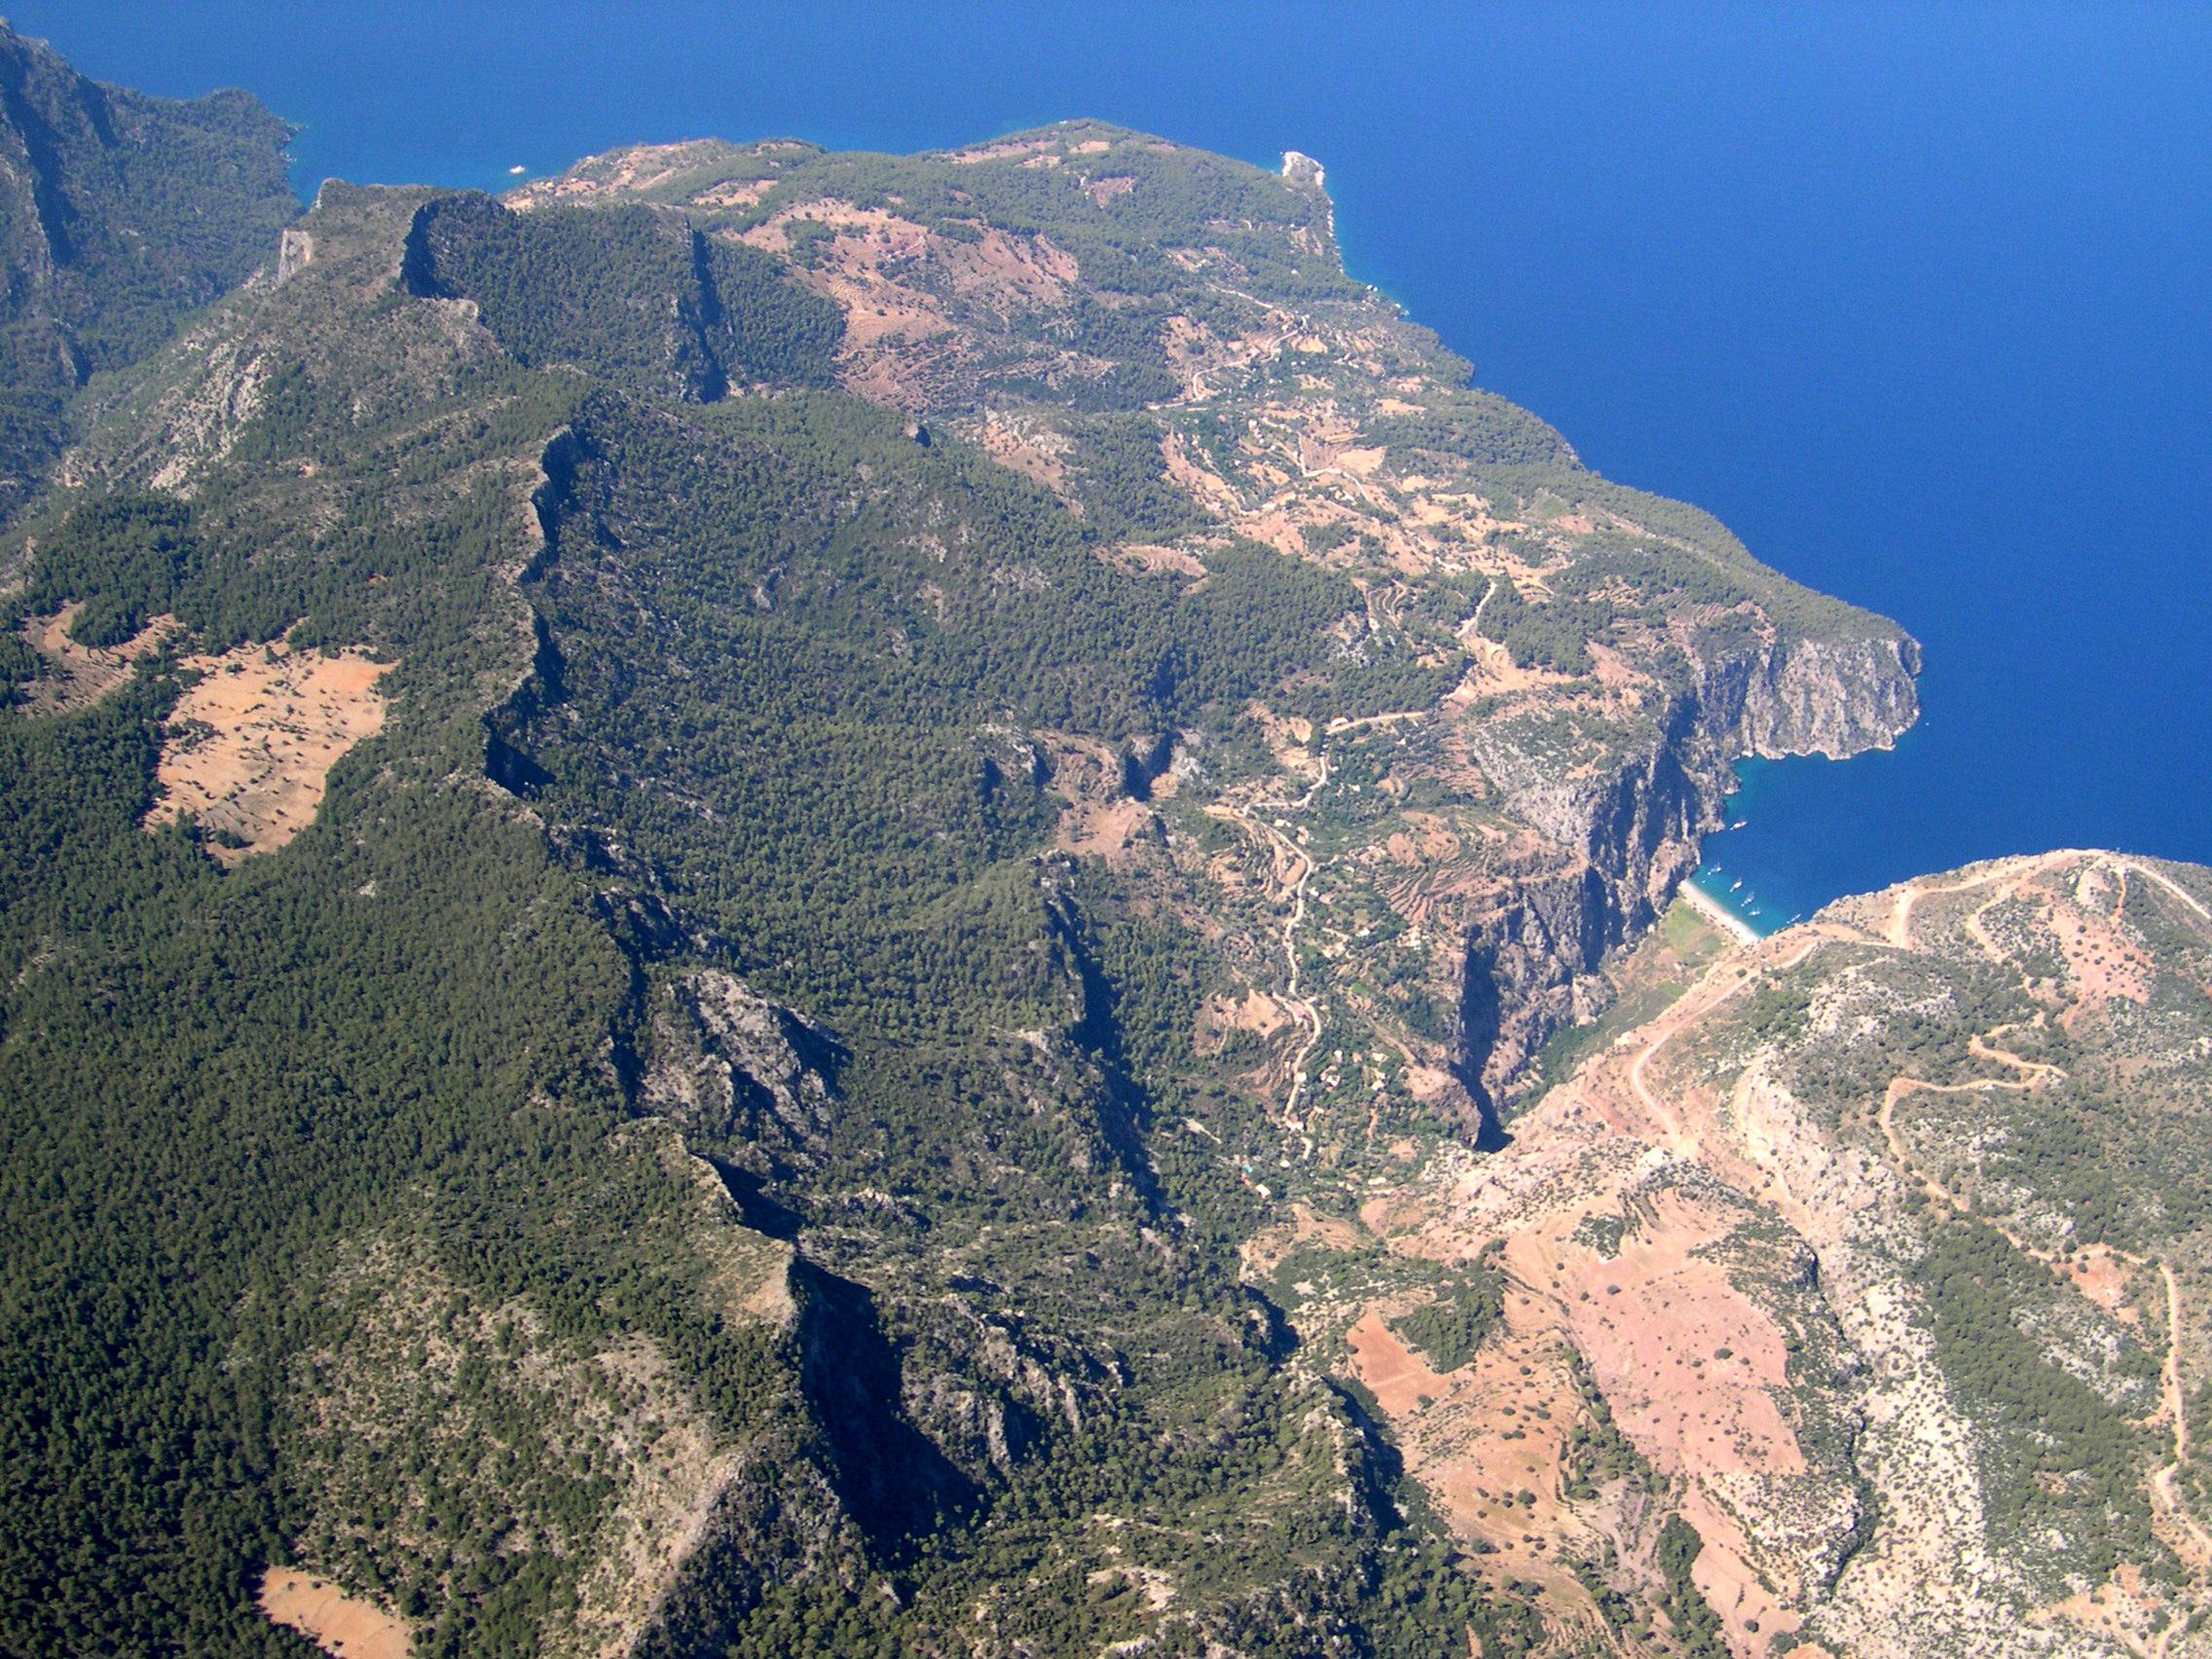 Appartement de vacances Luxurise Unterkunft und persnliches Ambiente in unzerstrter Natur (2124814), Fethiye, , Région Egéenne, Turquie, image 18